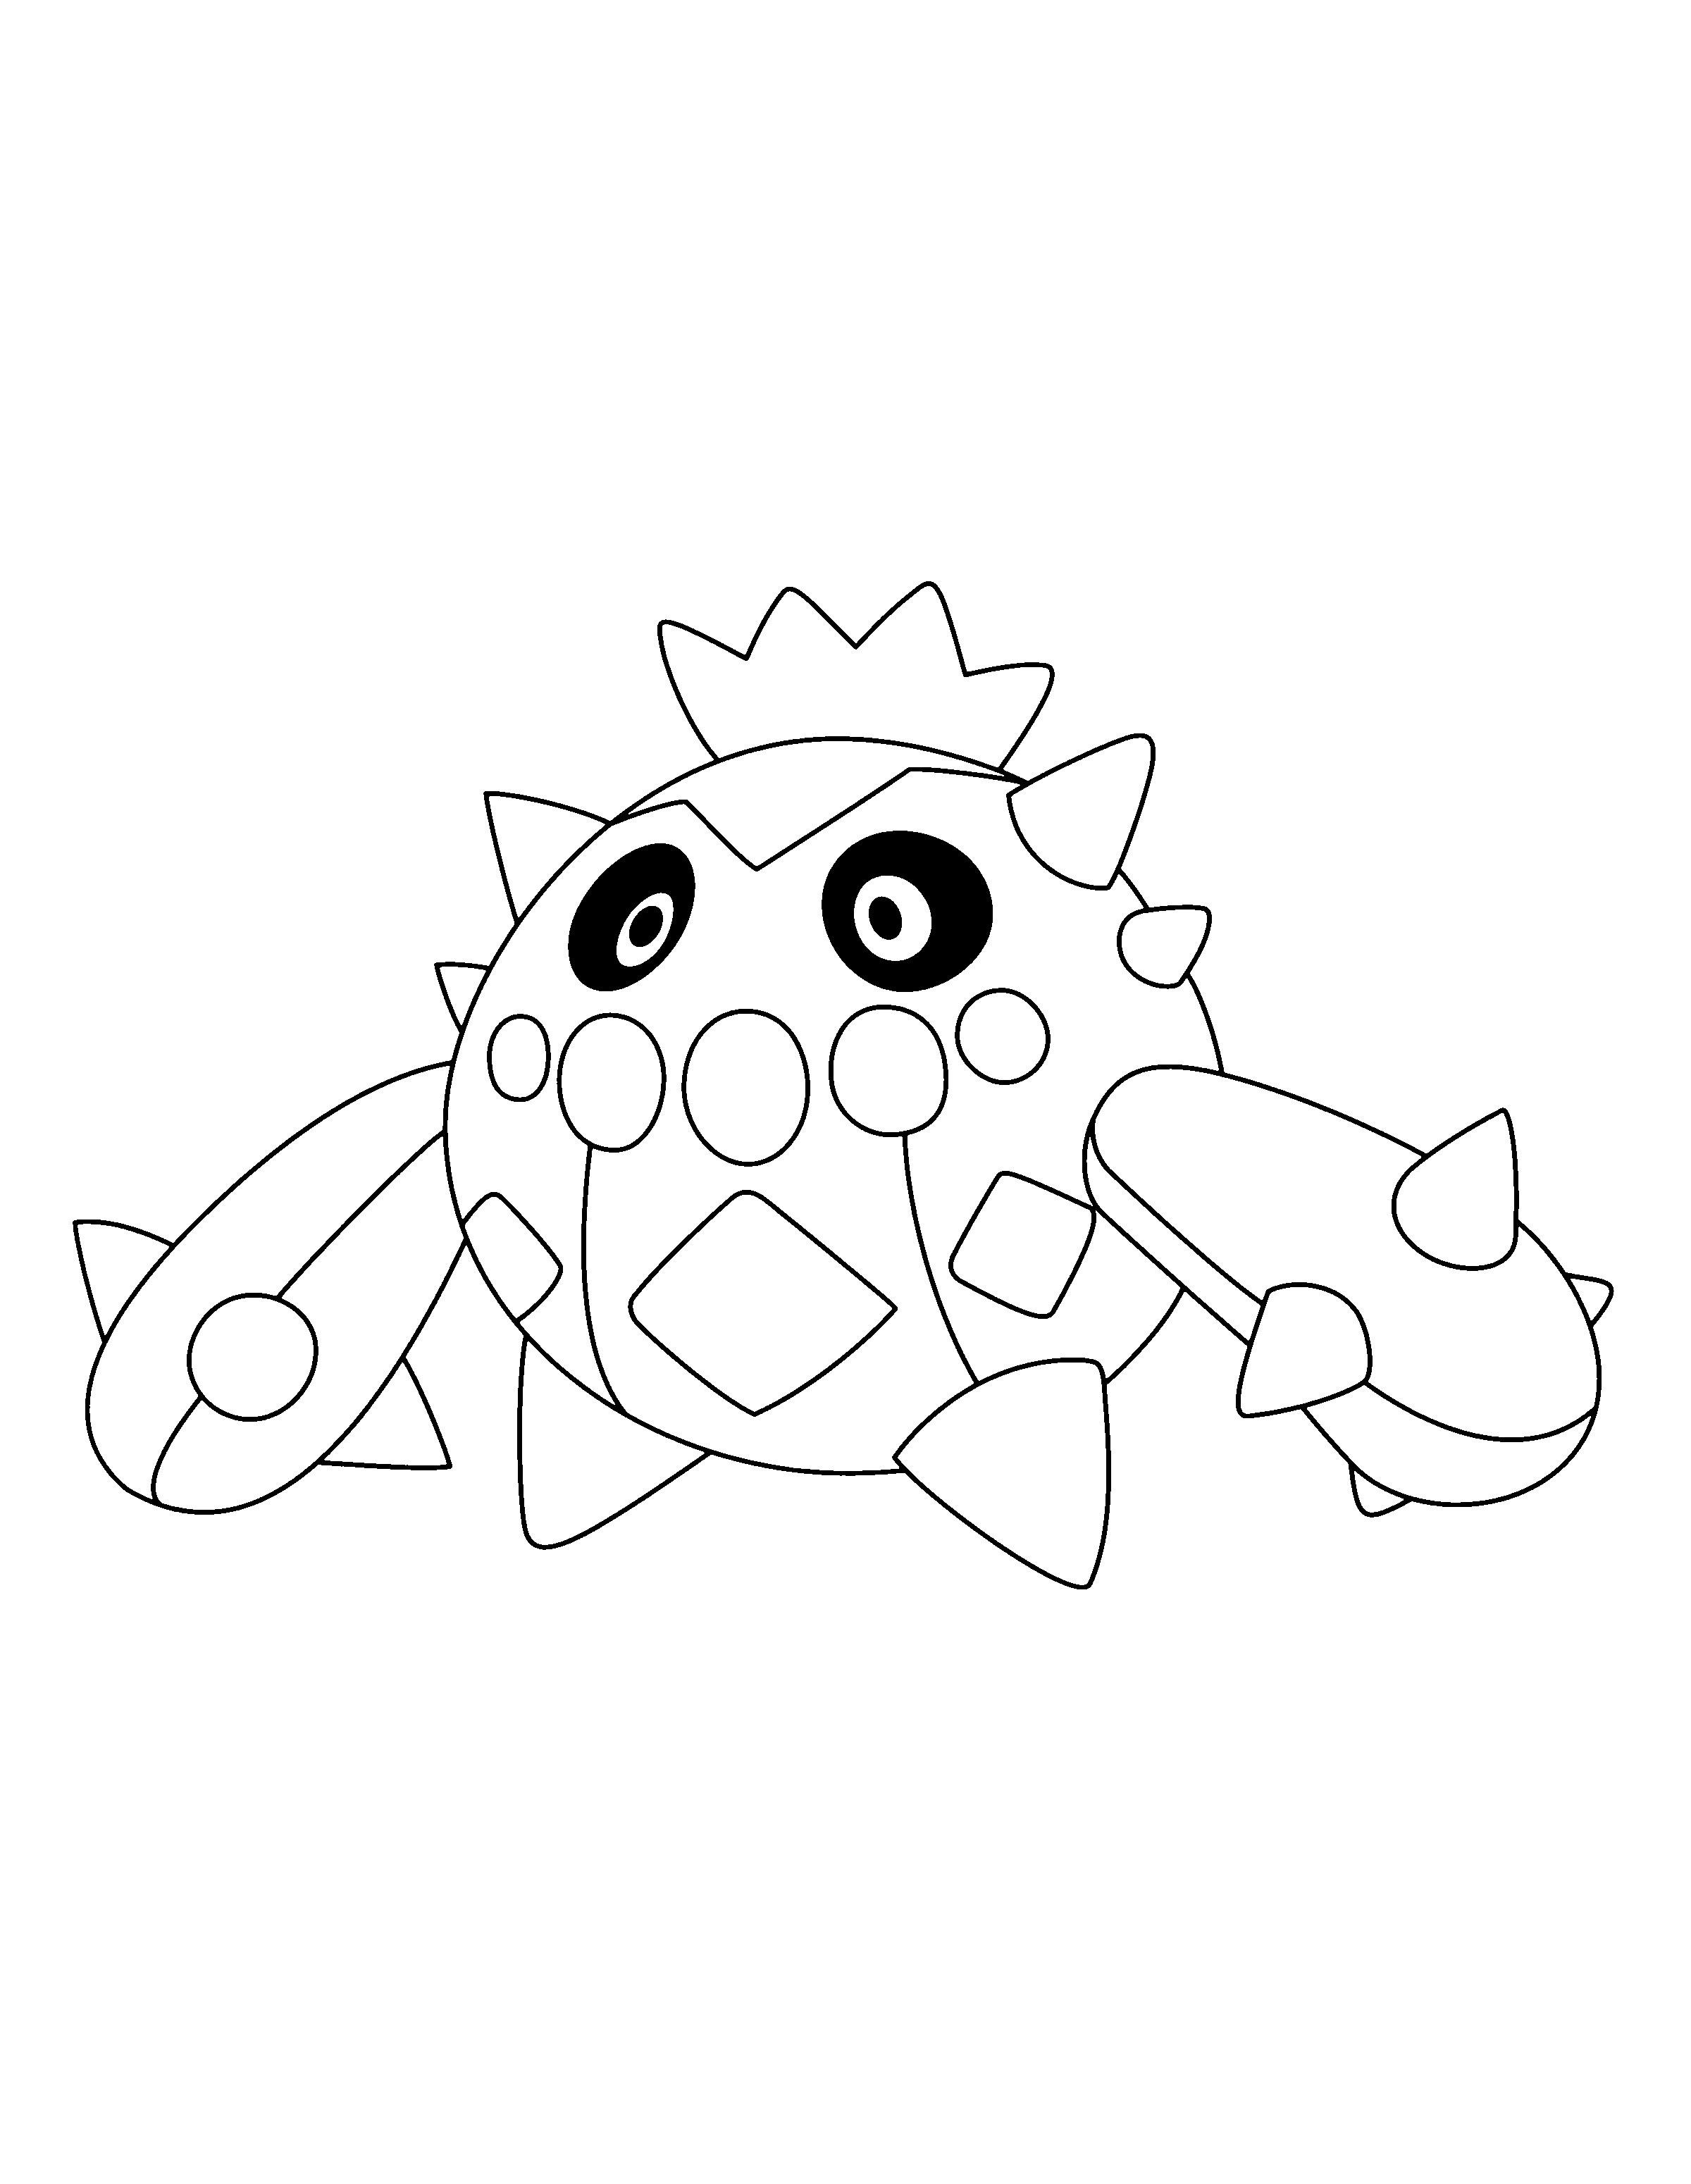 Pokemon sonne Und Mond Ausmalbilder Einzigartig Pokemon Malvorlagen Ausmalbilder Pinterest Best Ausmalbilder Bild